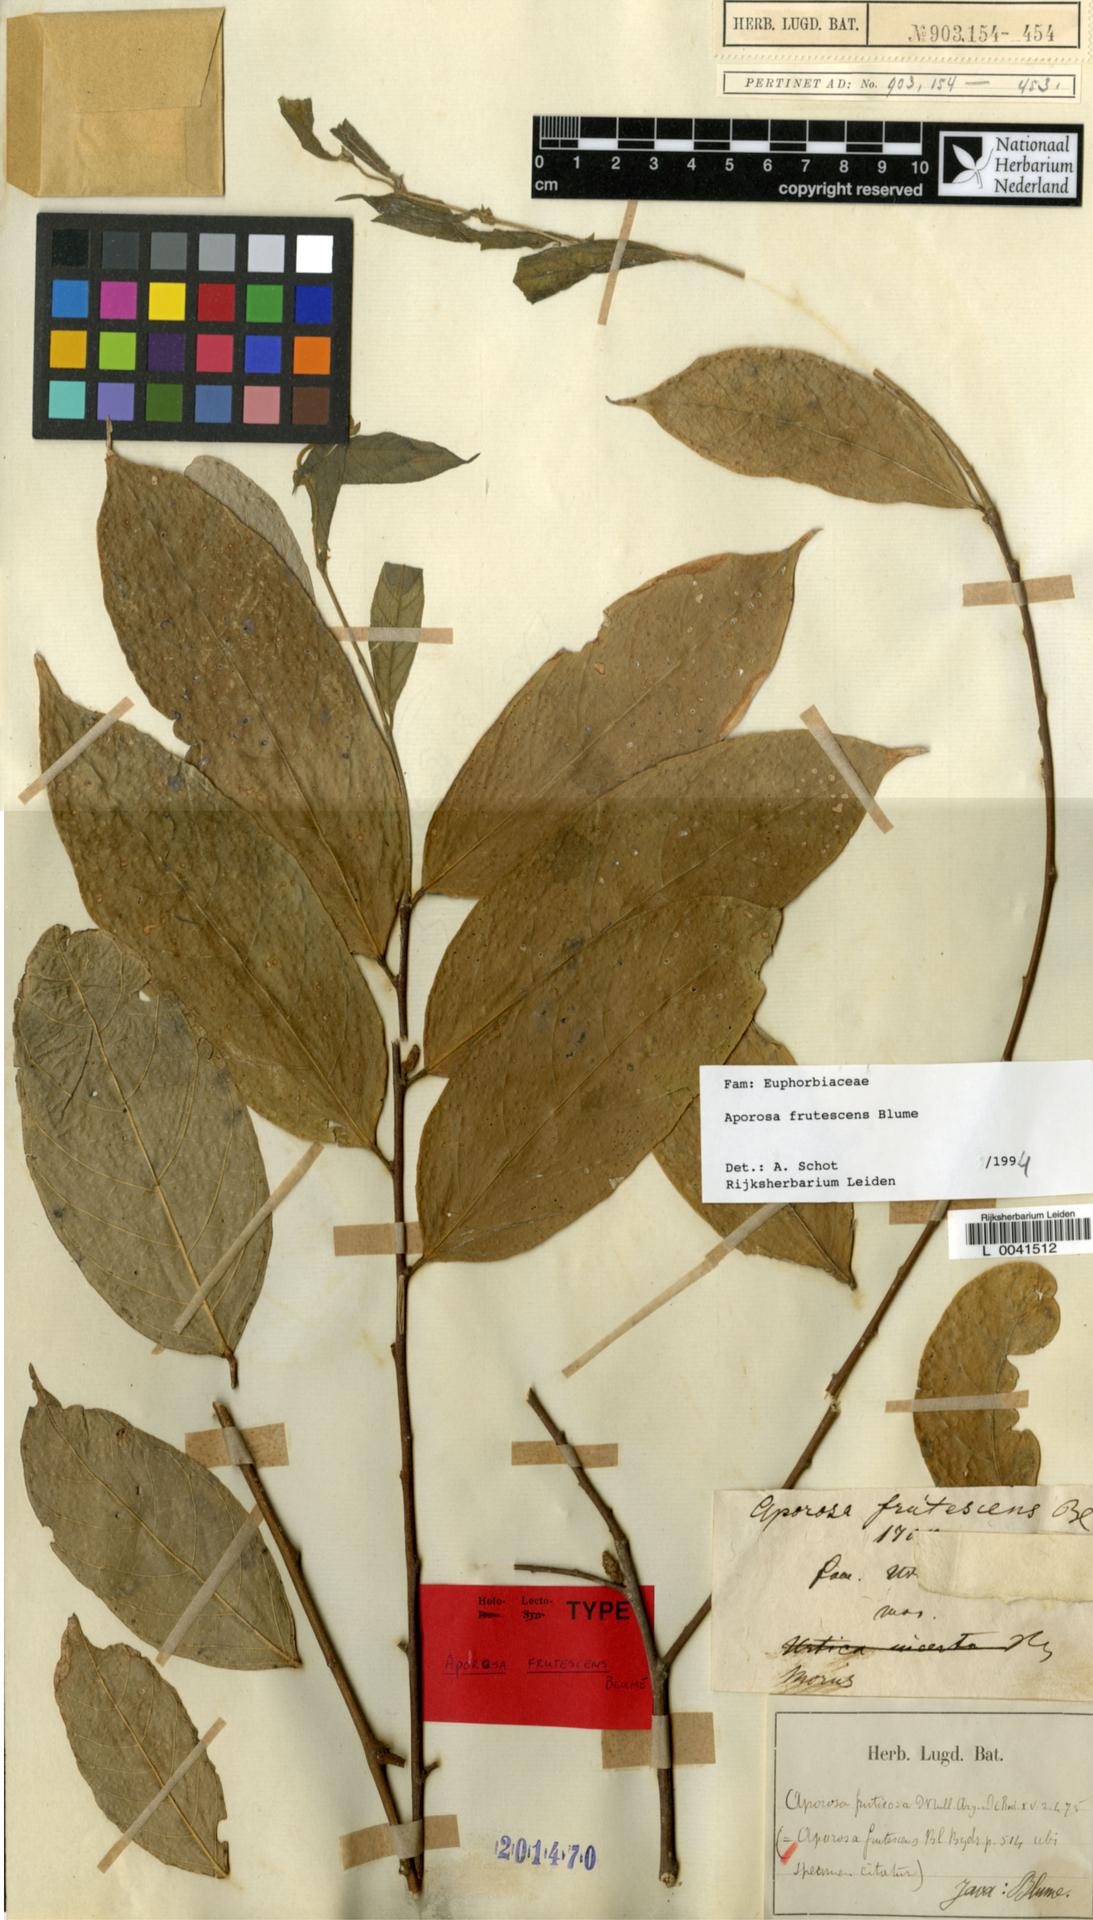 L  0041512   Aporosa frutescens Blume